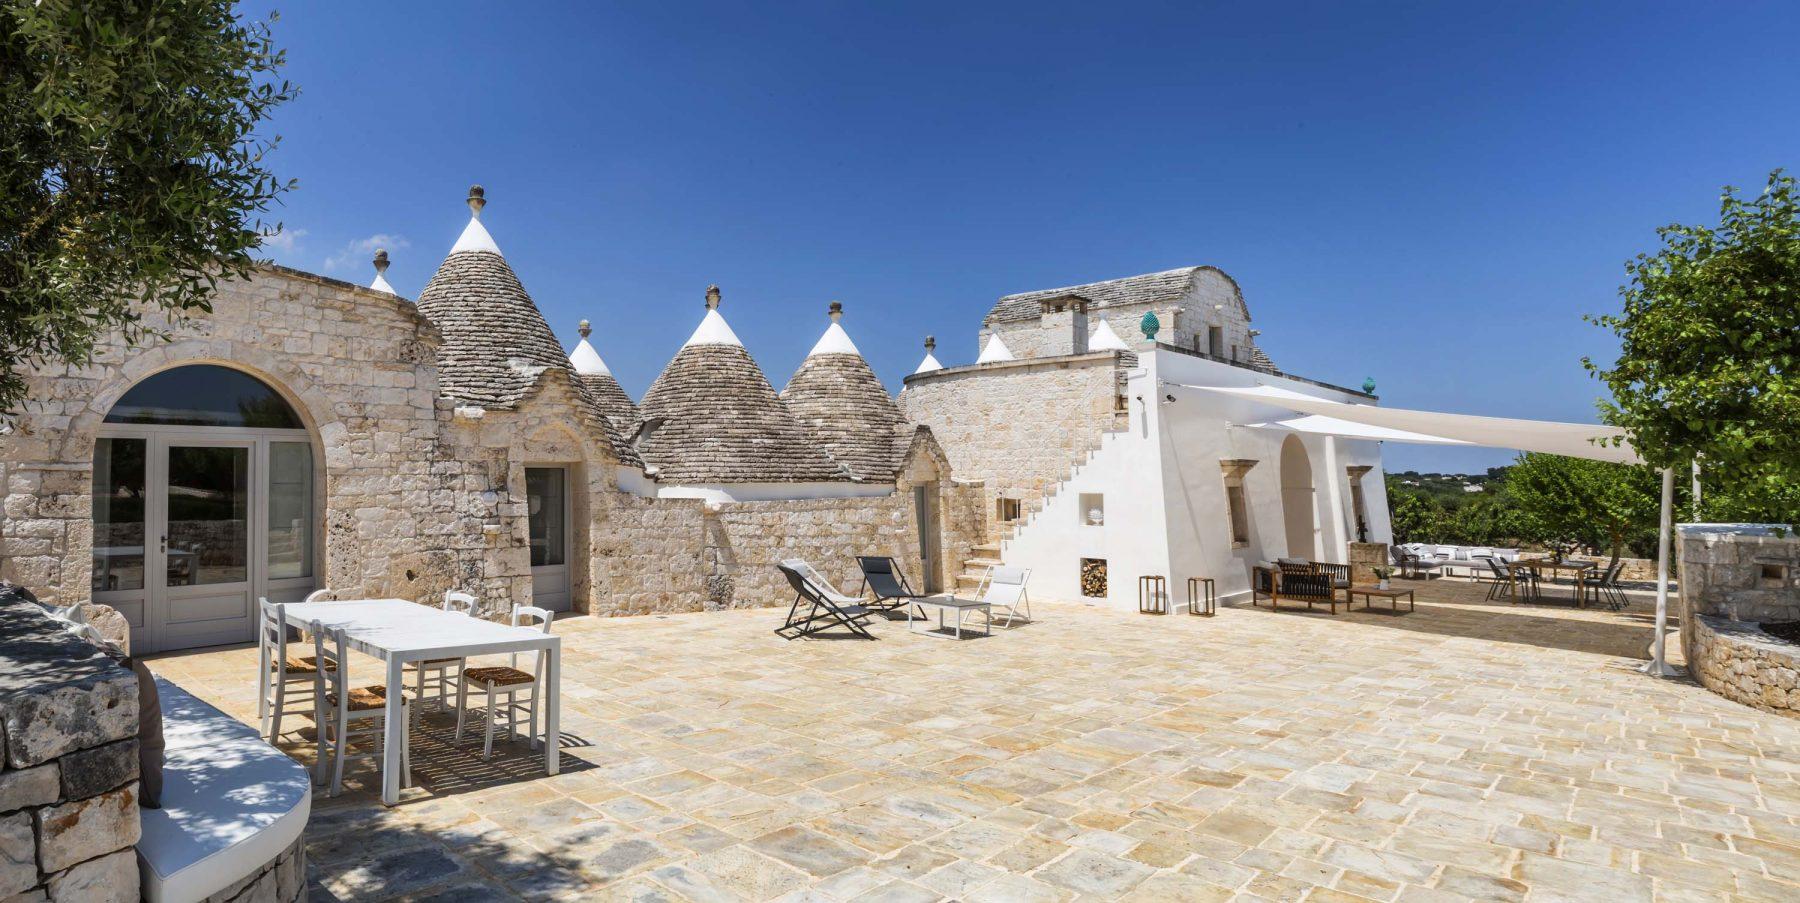 image 2 - outdoor - Dimora dei Gelsi Alberobello Puglia